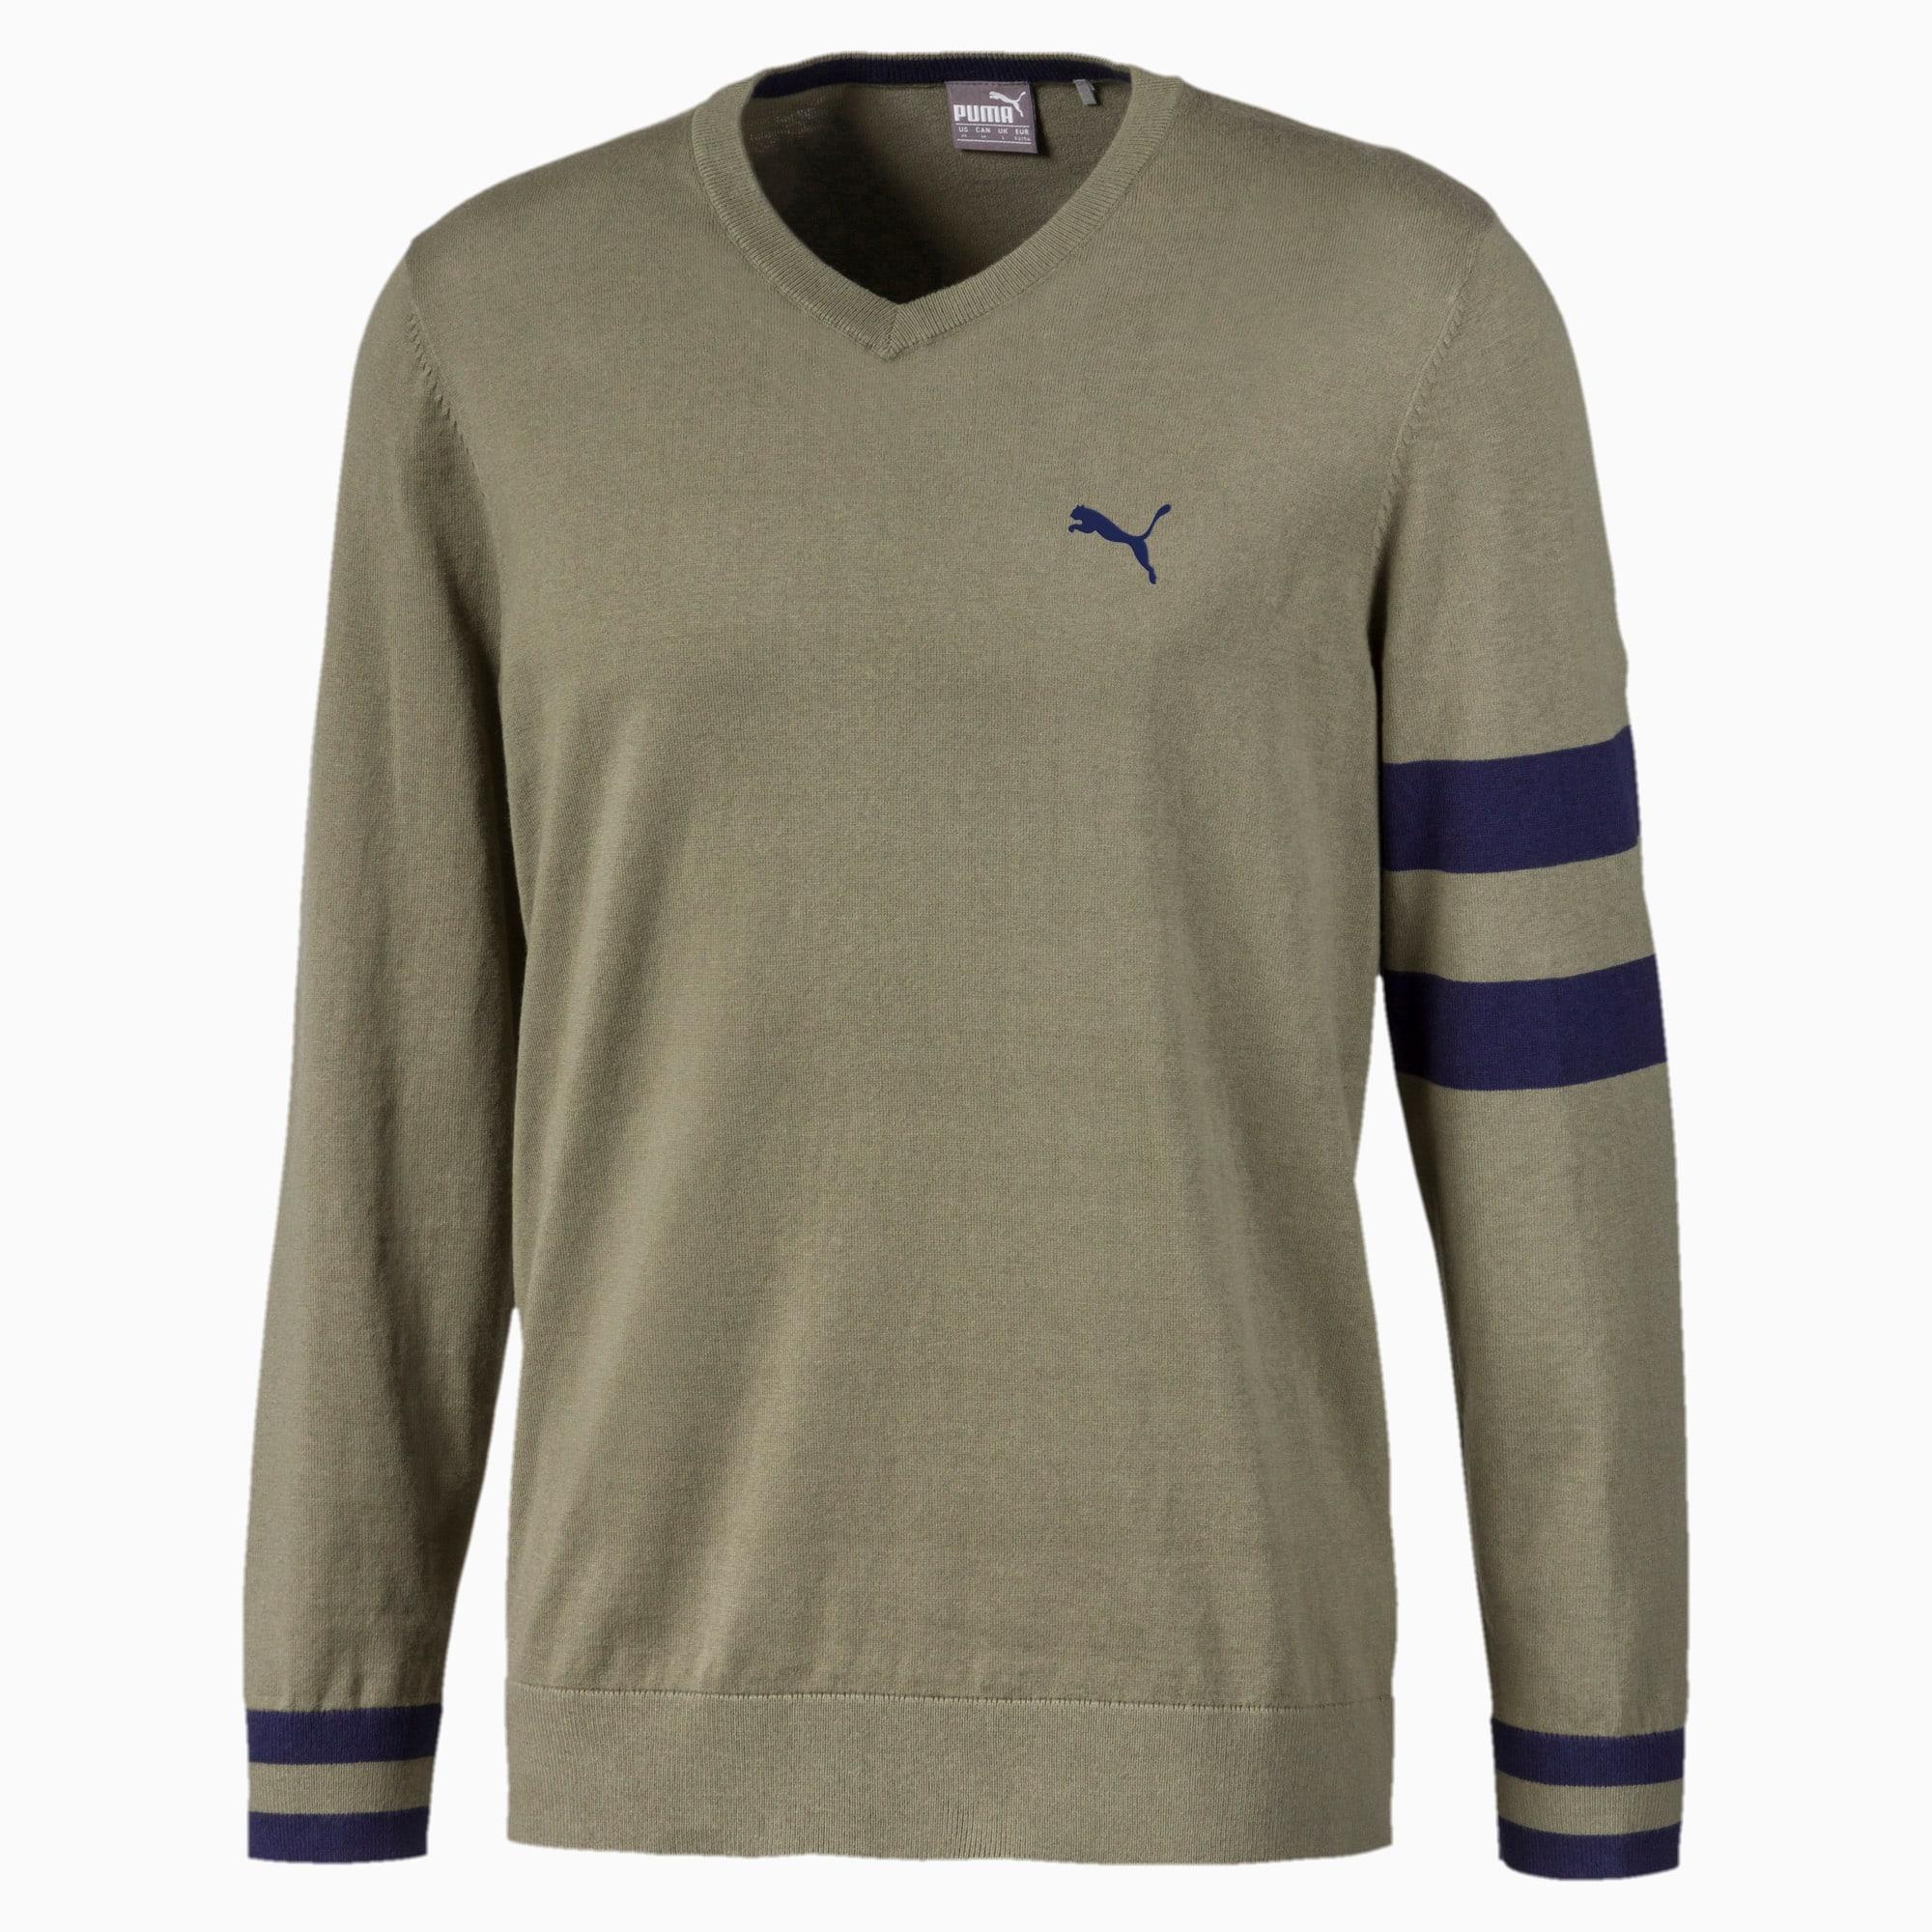 PUMA Chaussure Sweat X Golf pour Homme, Vert, Taille L, Vêtements